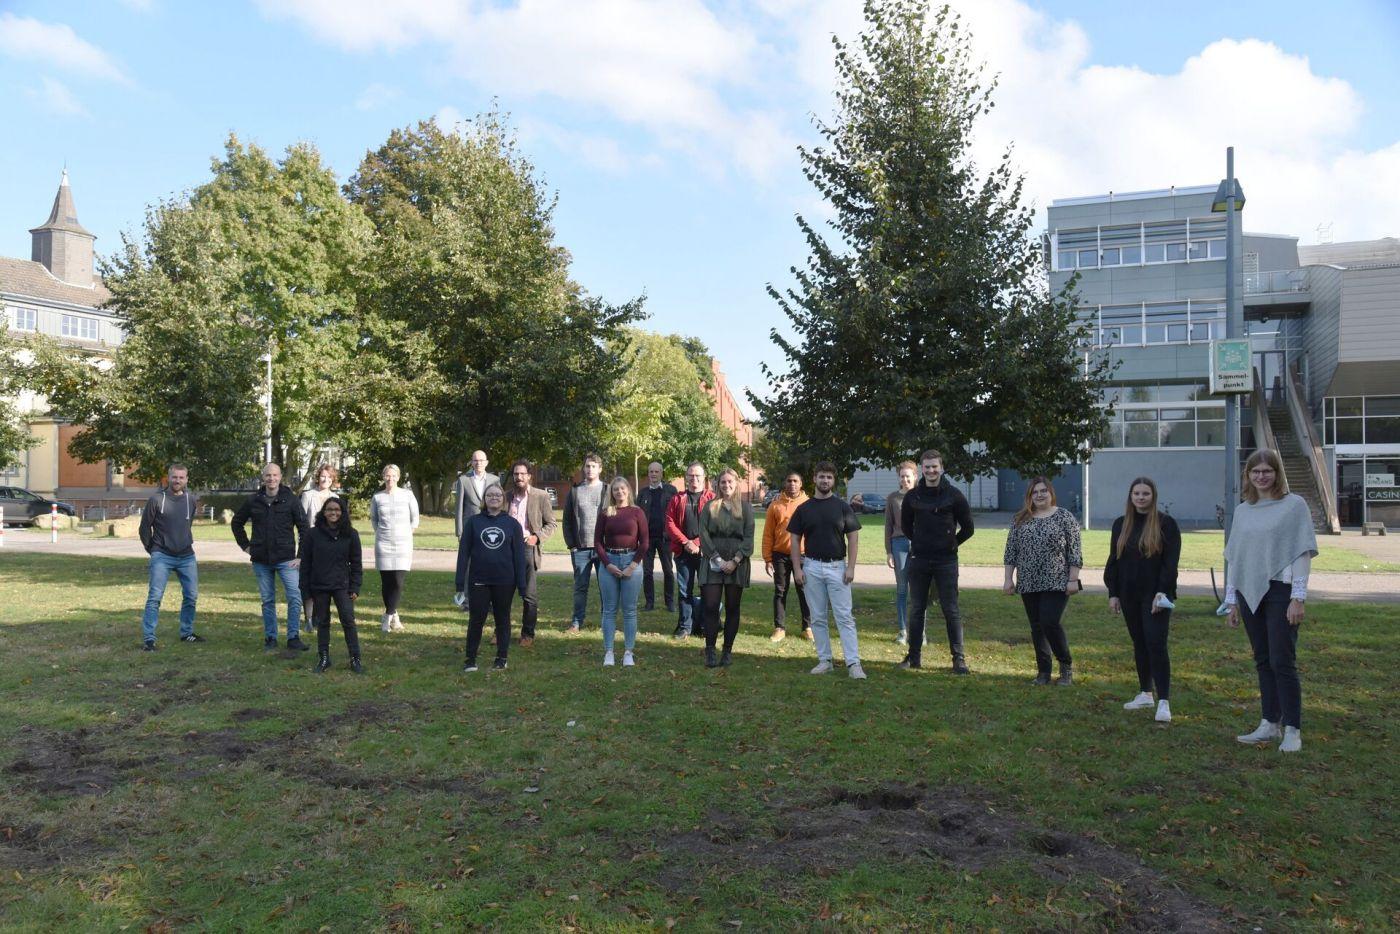 Eine Gruppe Menschen steht auf dem Rasen. (Foto: FH Münster/Pressestelle)